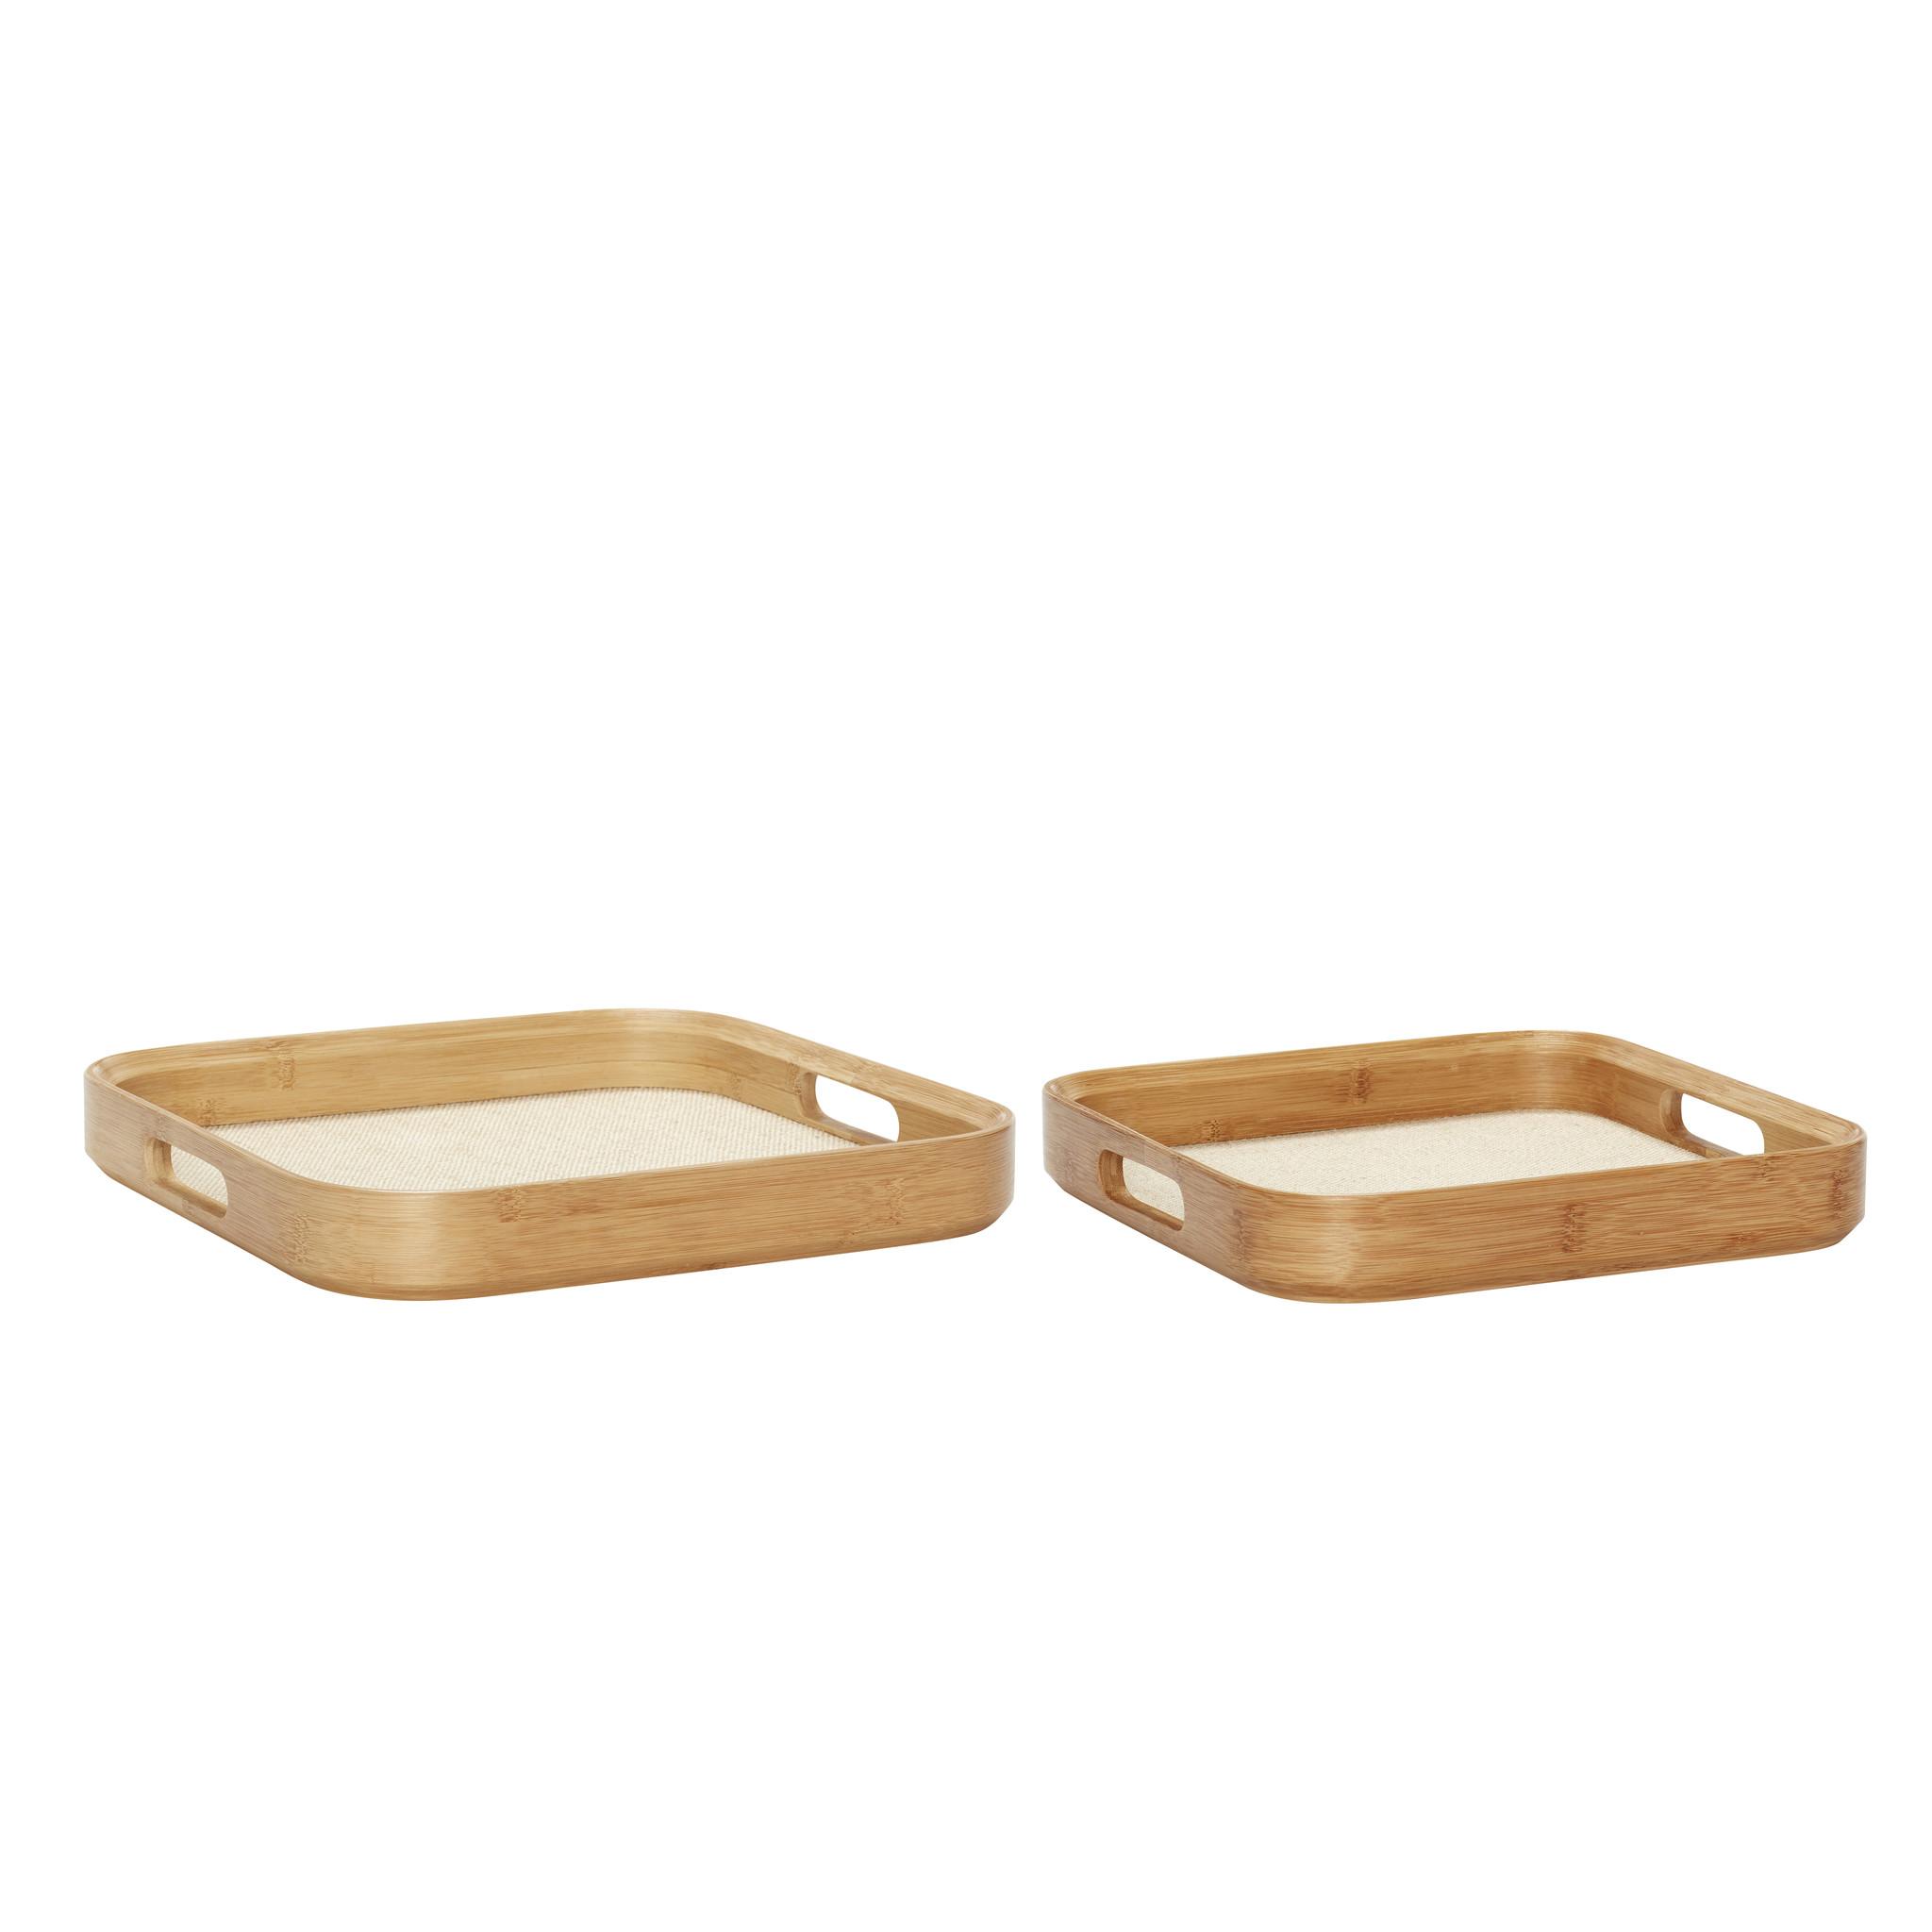 Hubsch Dienblad, vierkant, hout, set van 2-240503-5712772052297